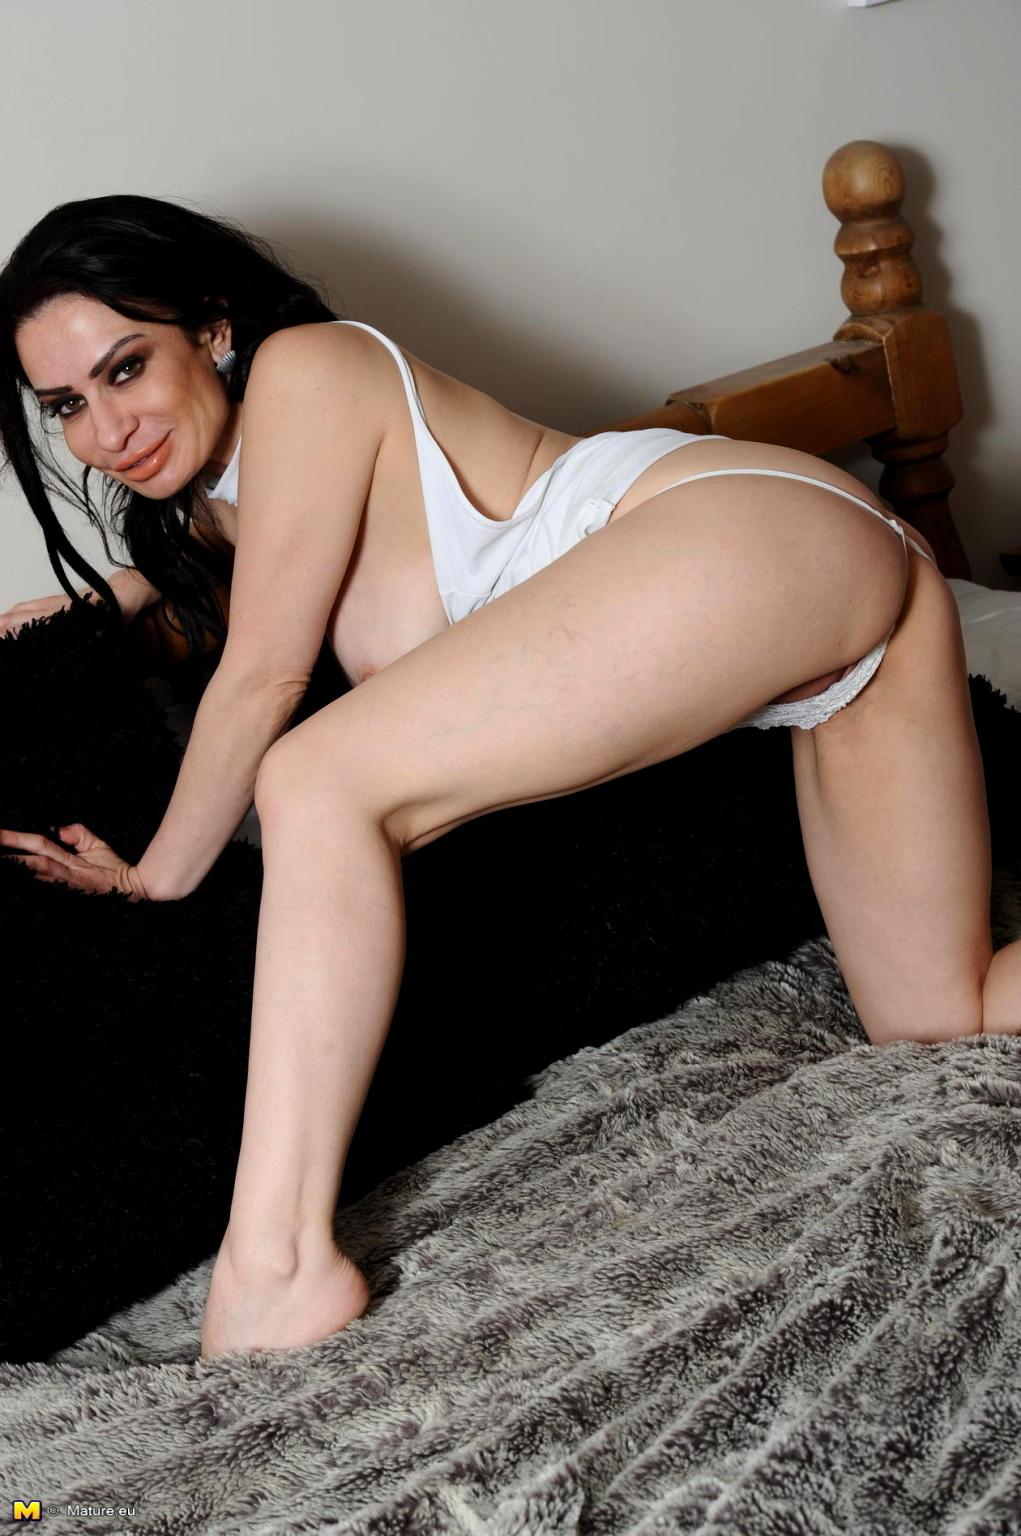 Mature Nl Maturenl Model View Brunette Series Sex Hd Pics-3658